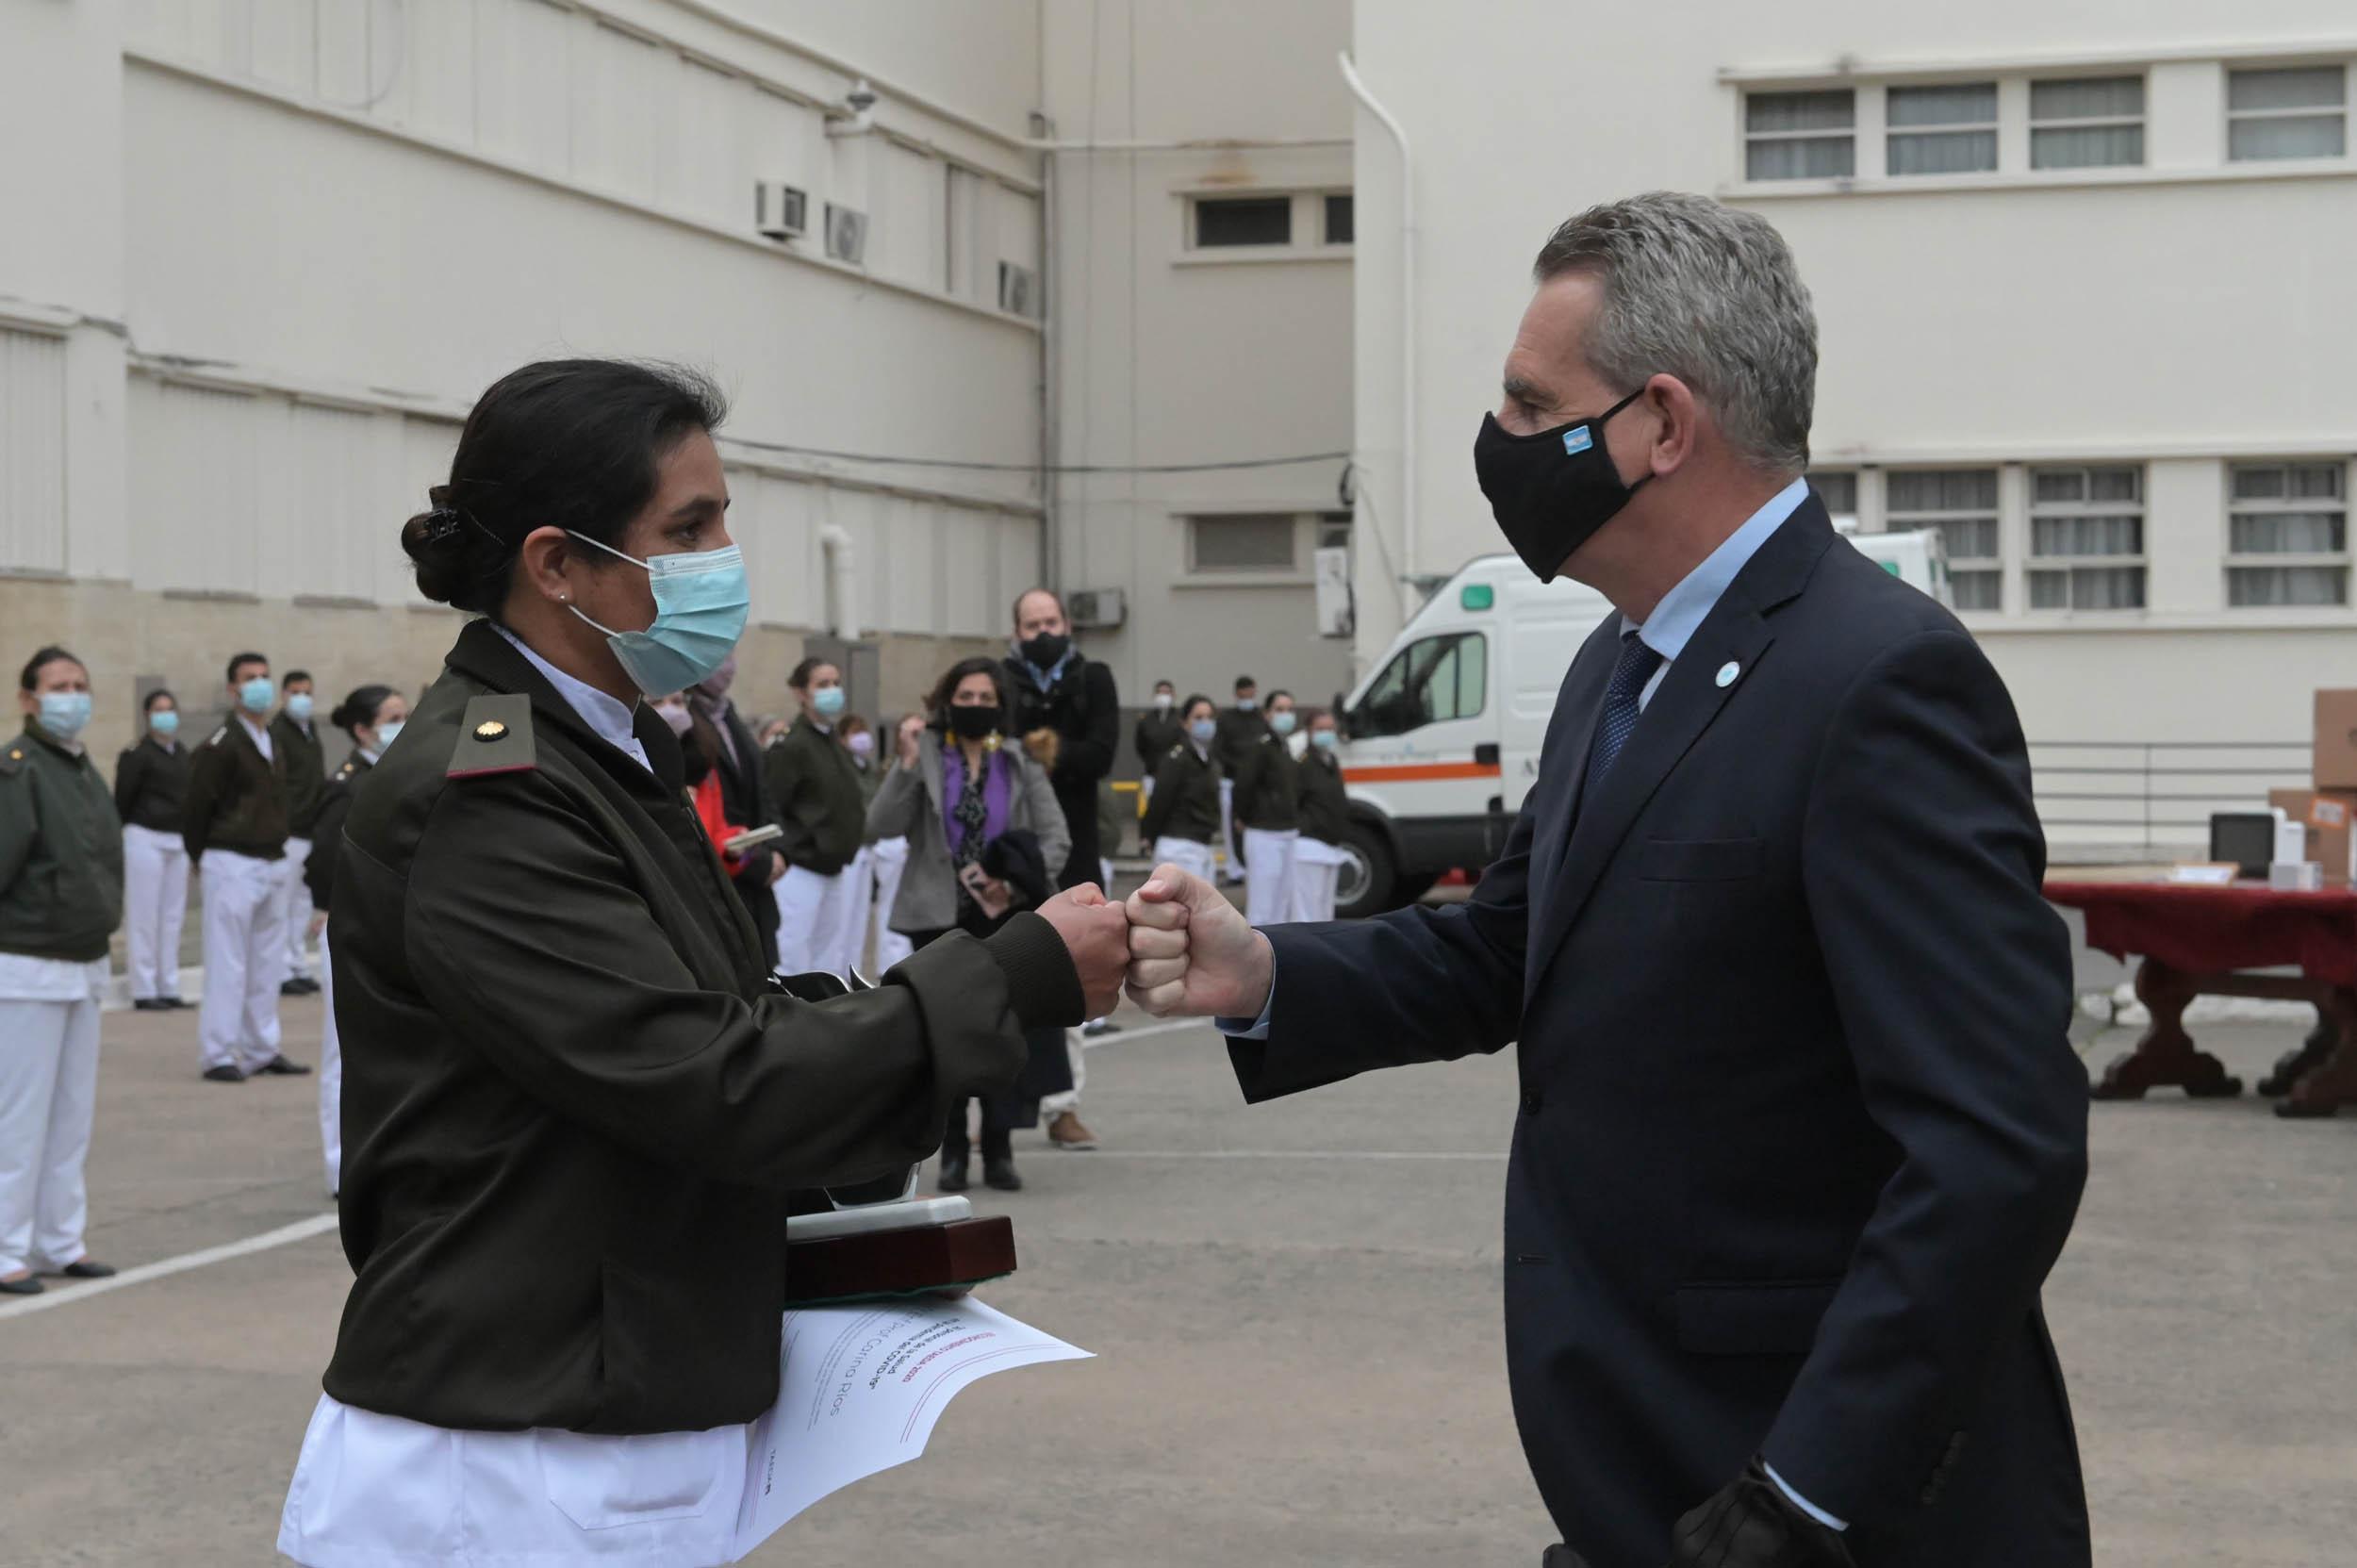 El ministro de Defensa Agustín Rossi también formó parte del reconocimiento a Ríos. Foto: Fernando Calzada.